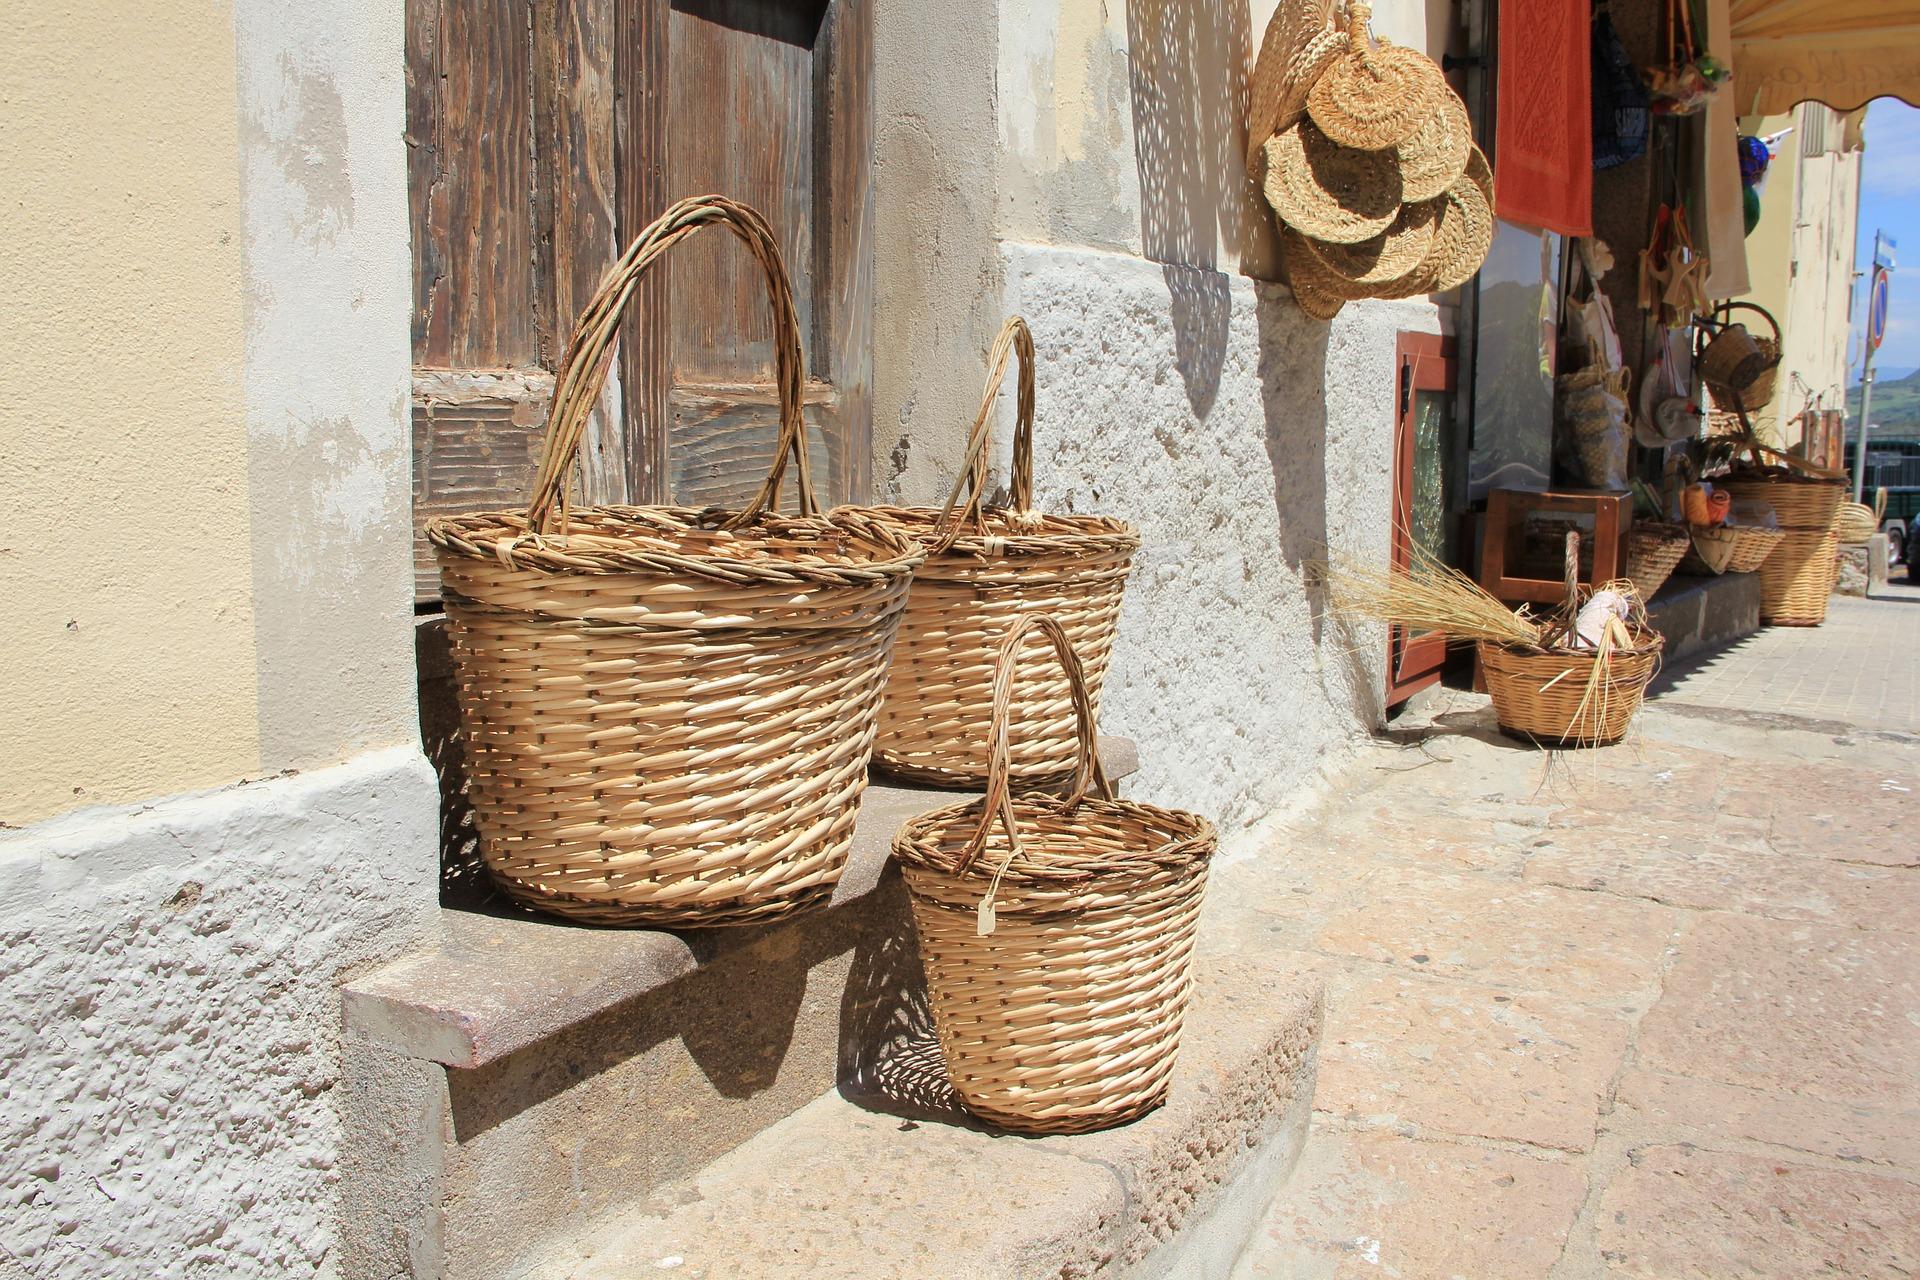 basket-963956_1920